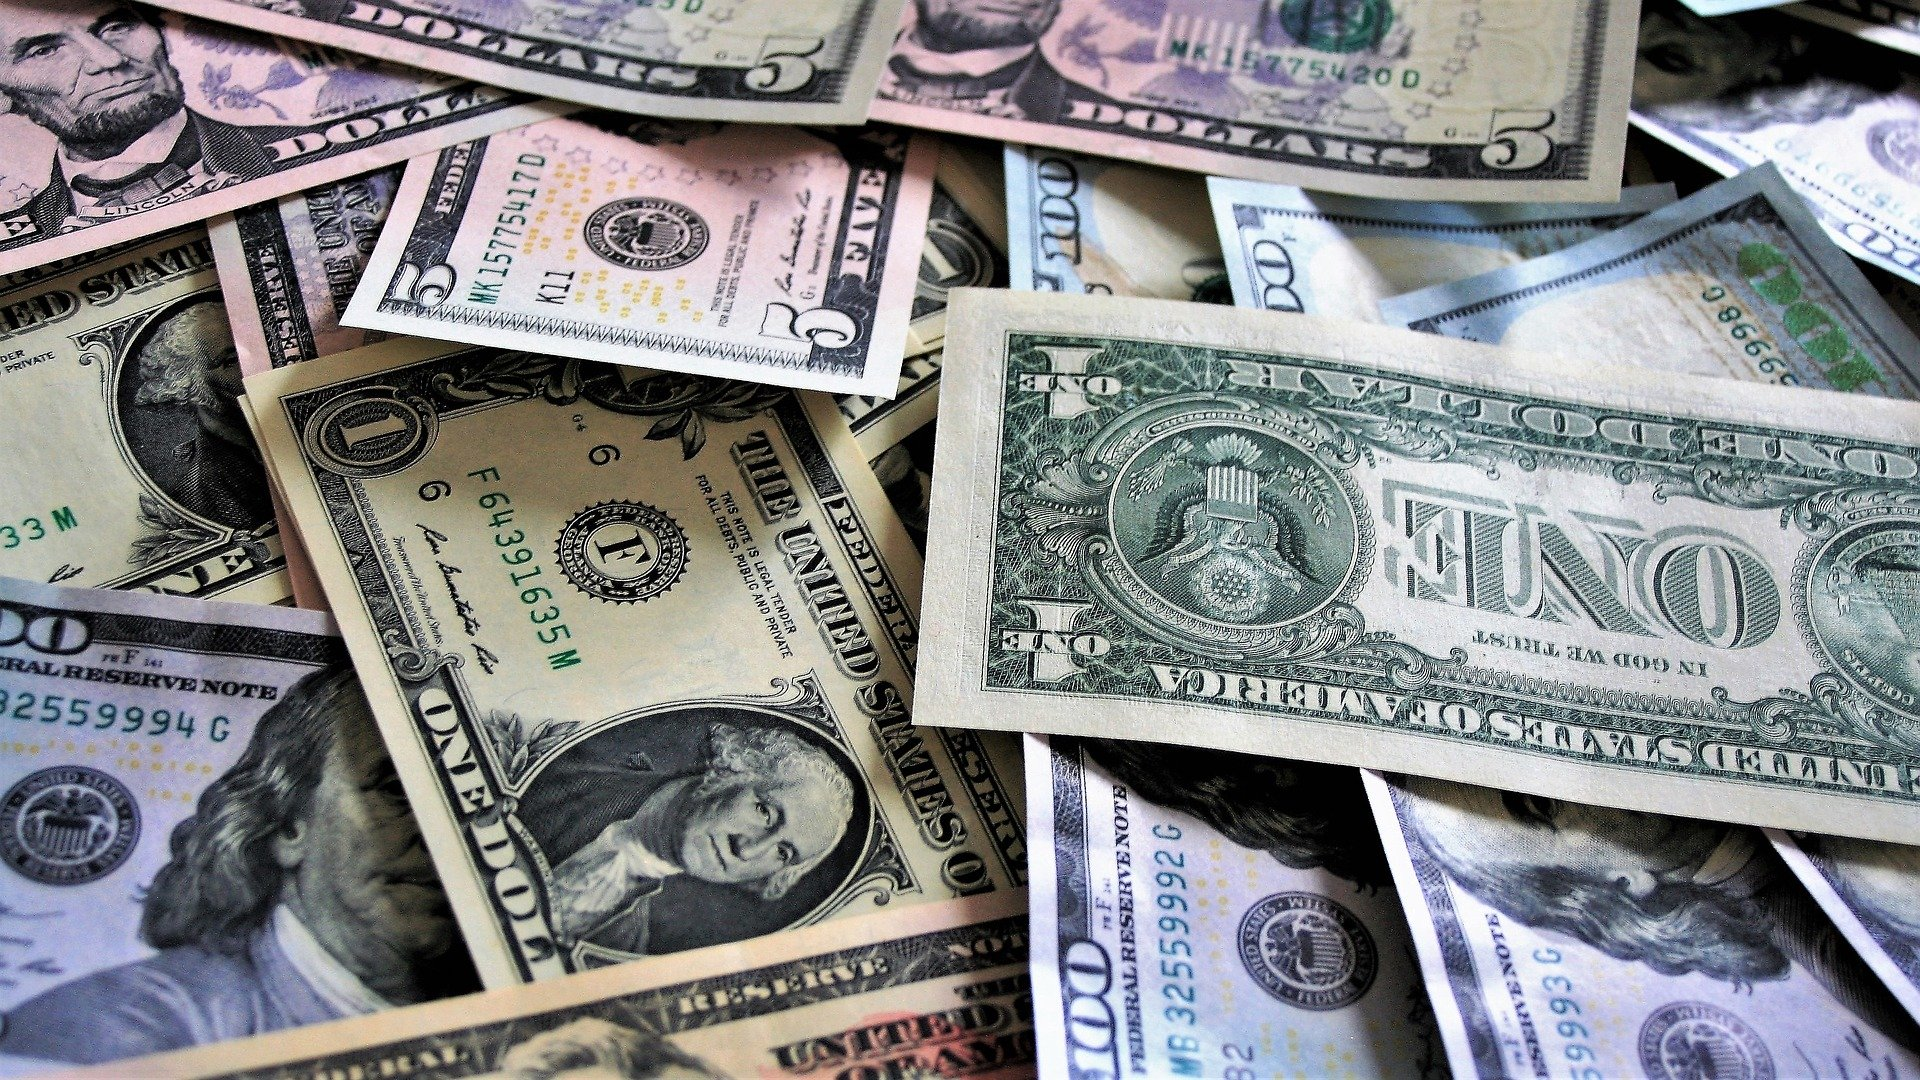 アメリカによるドル供給トリアージの範囲は?